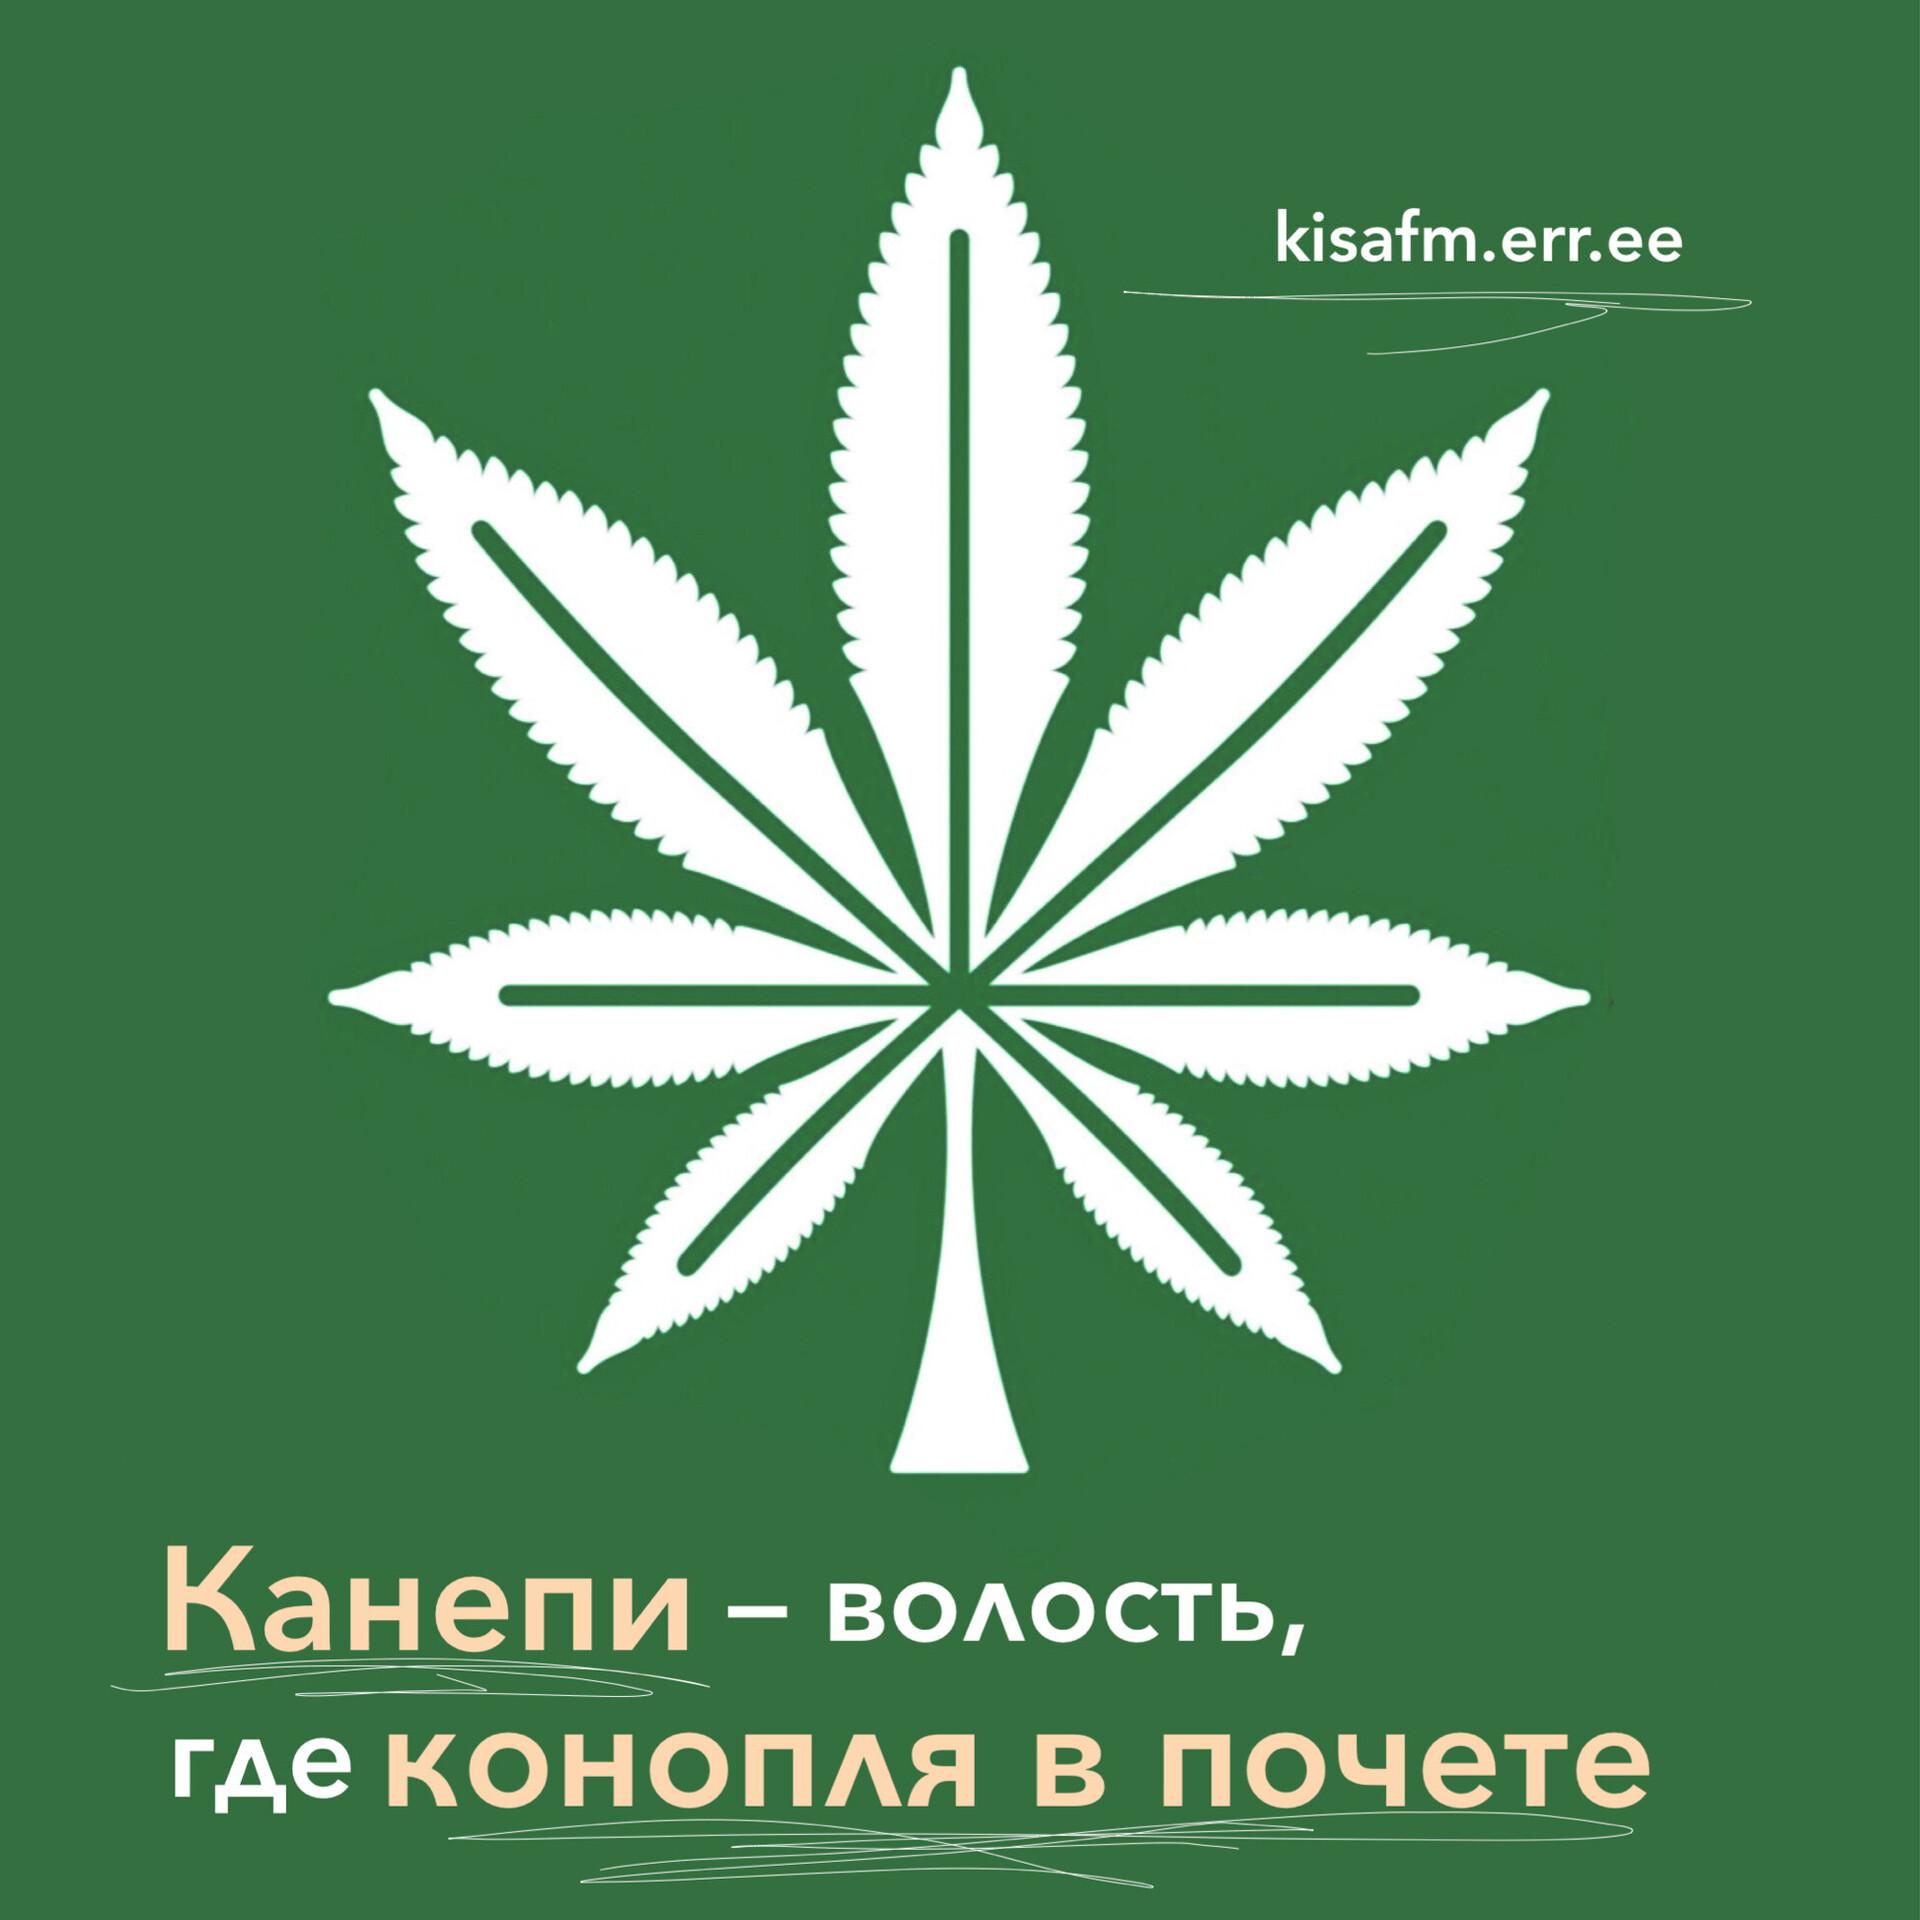 Где конопля марихуана сонливость